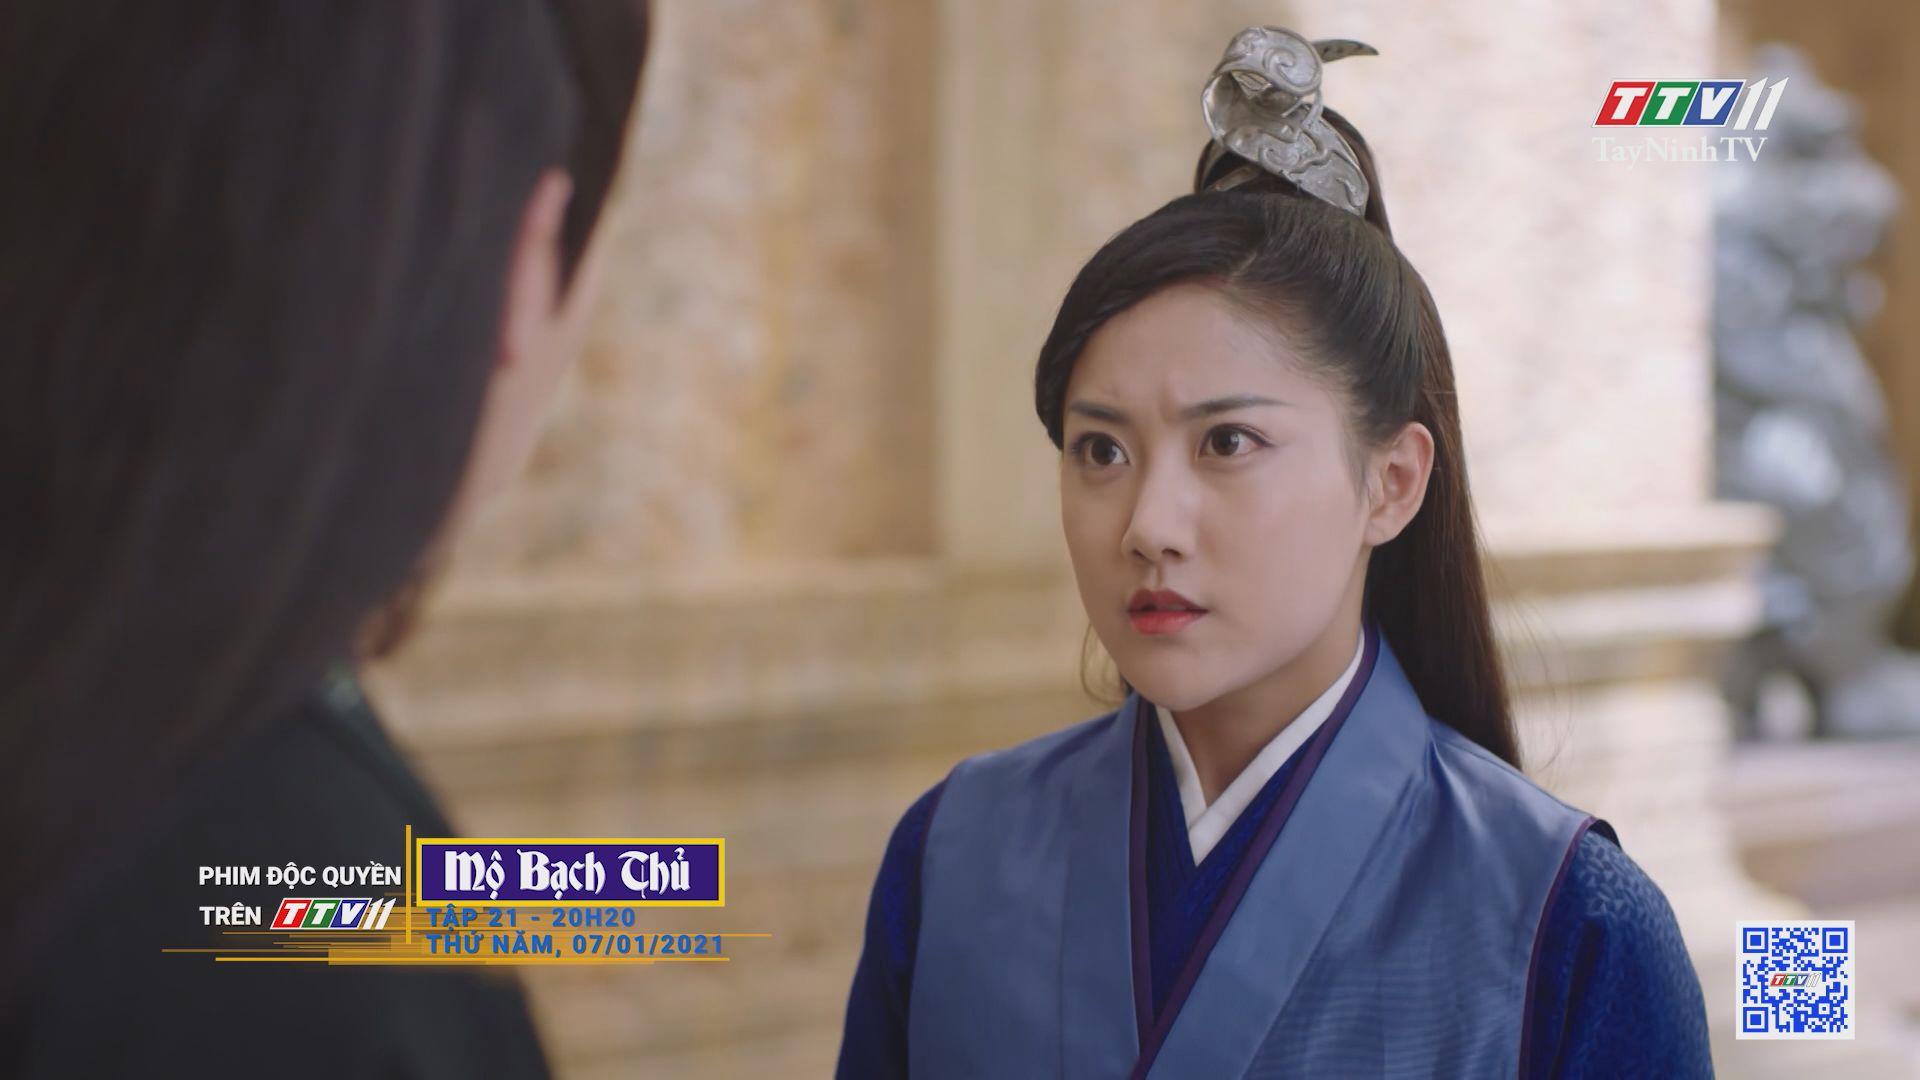 Mộ Bạch Thủ-TẬP 21 trailer | PHIM MỘ BẠCH THỦ | TayNinhTV